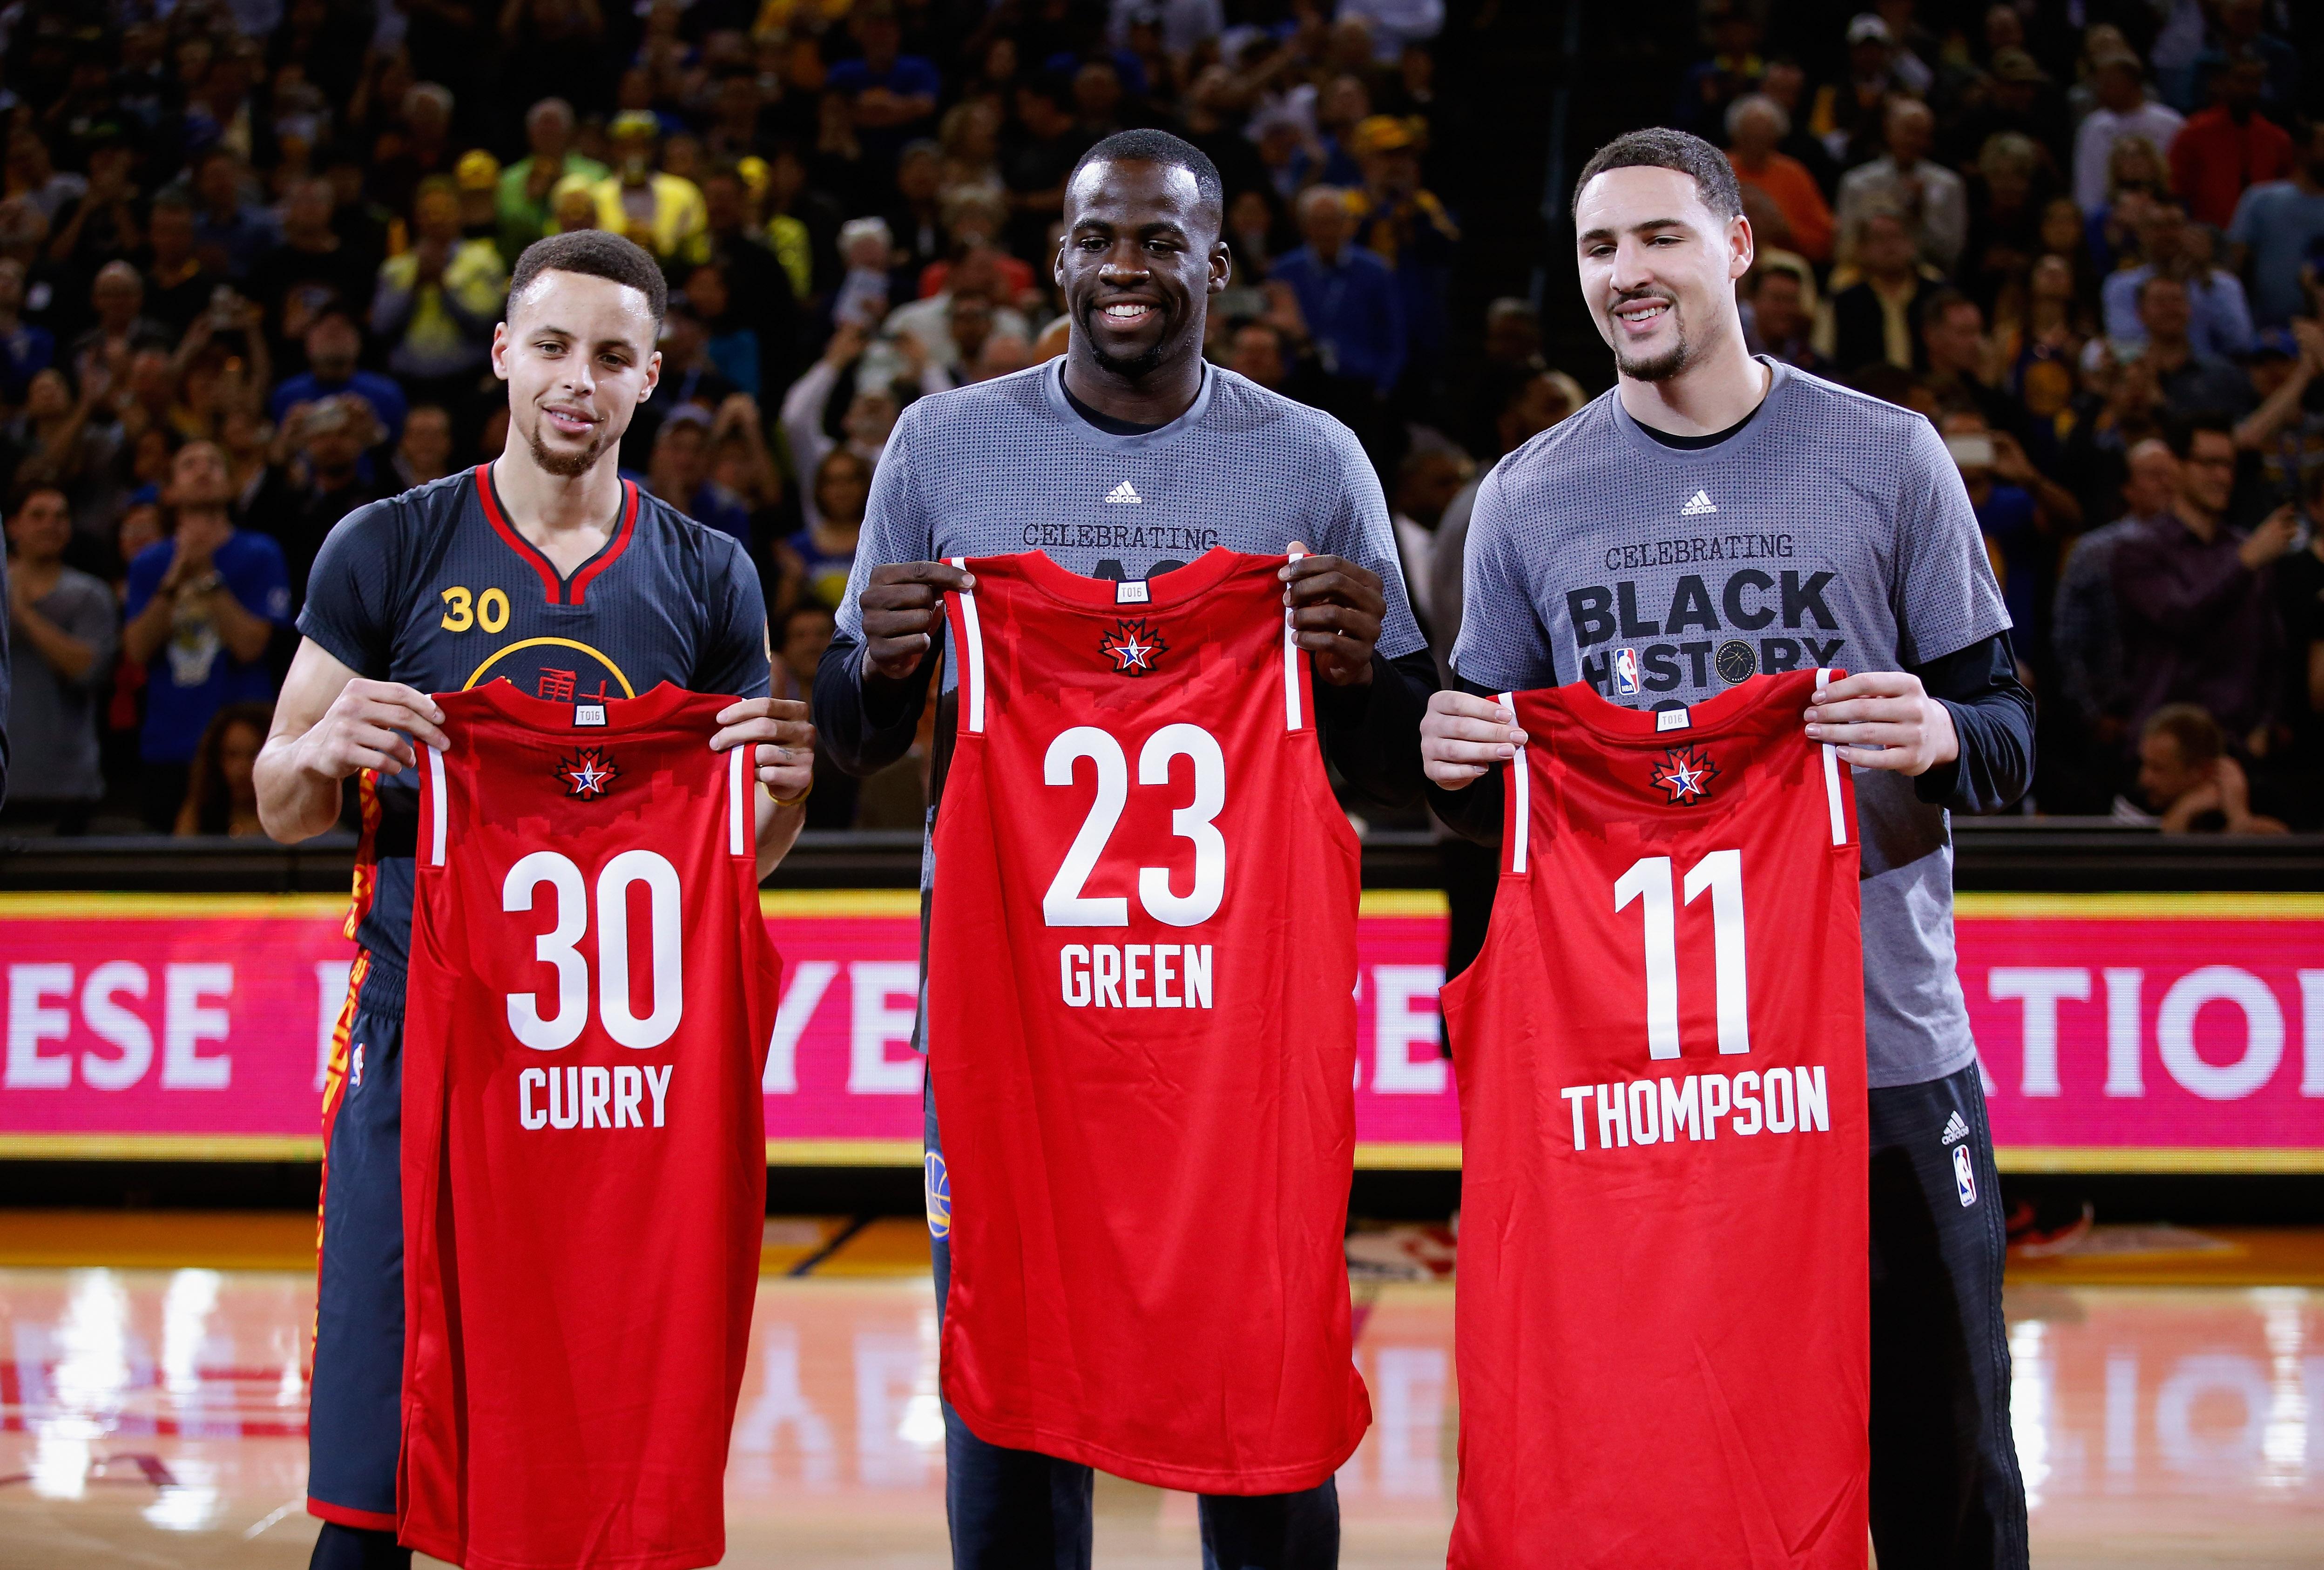 warriors all star jersey